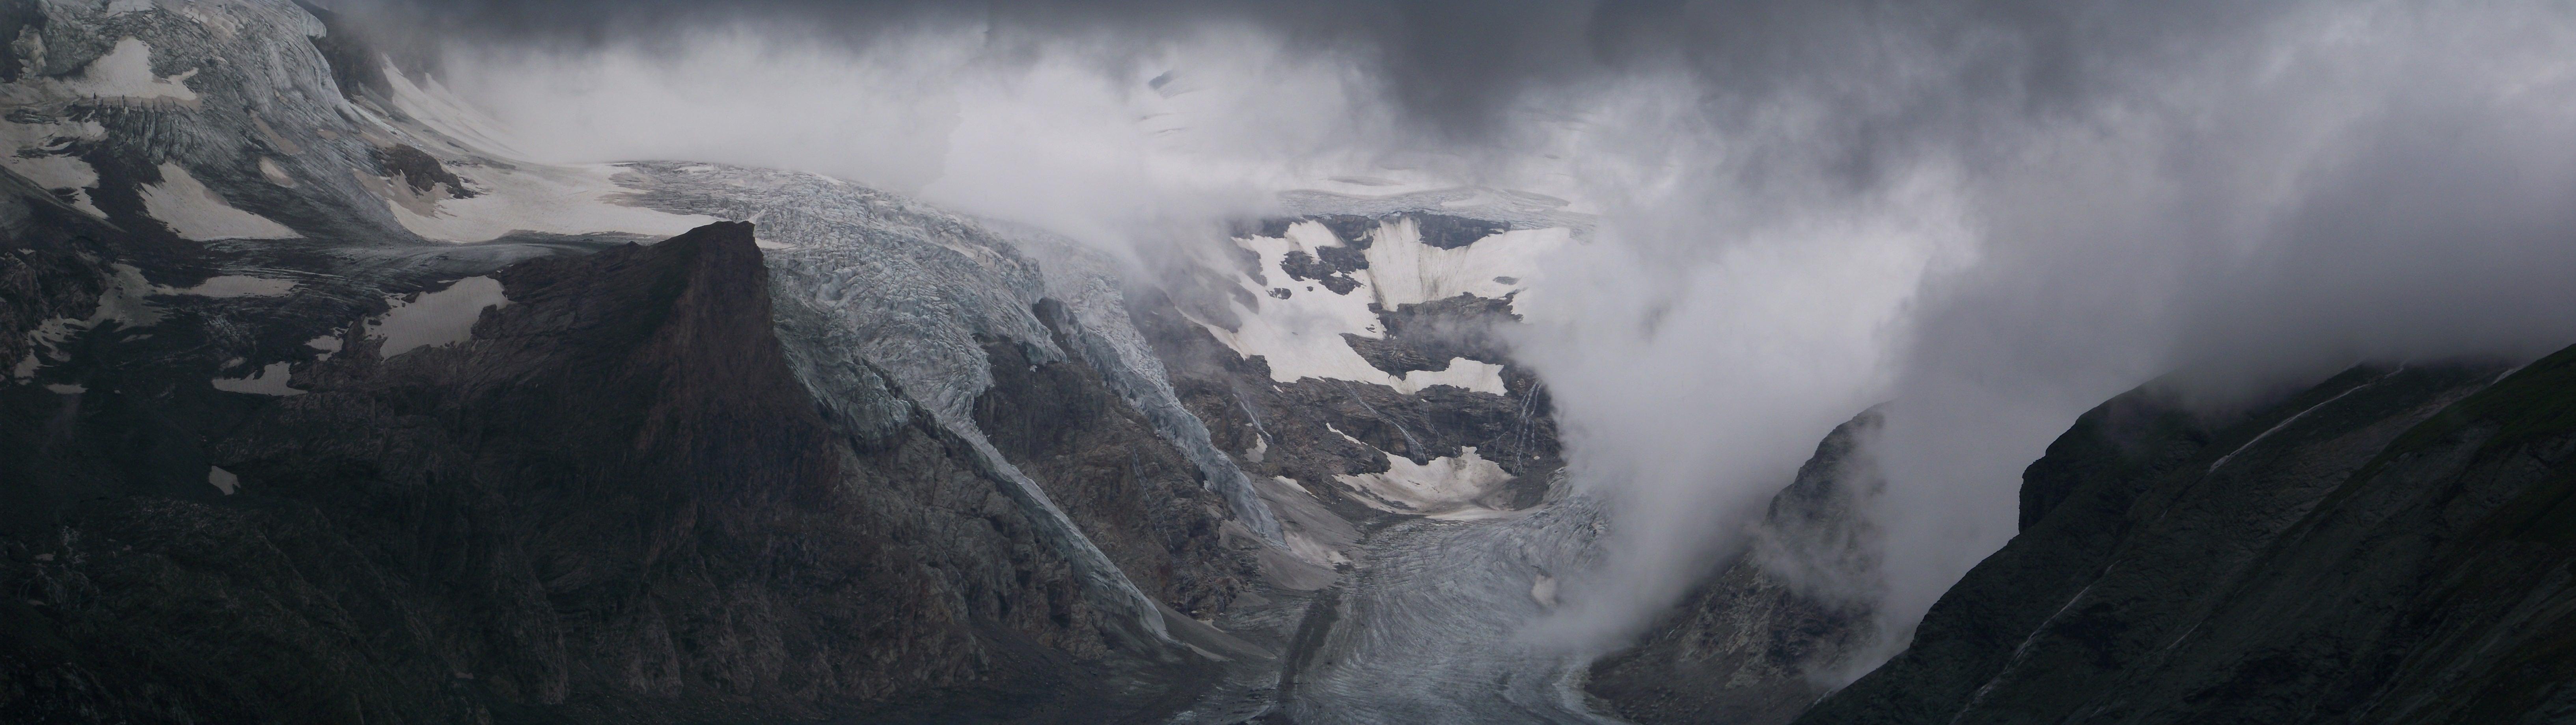 Pasterze-Gletscher